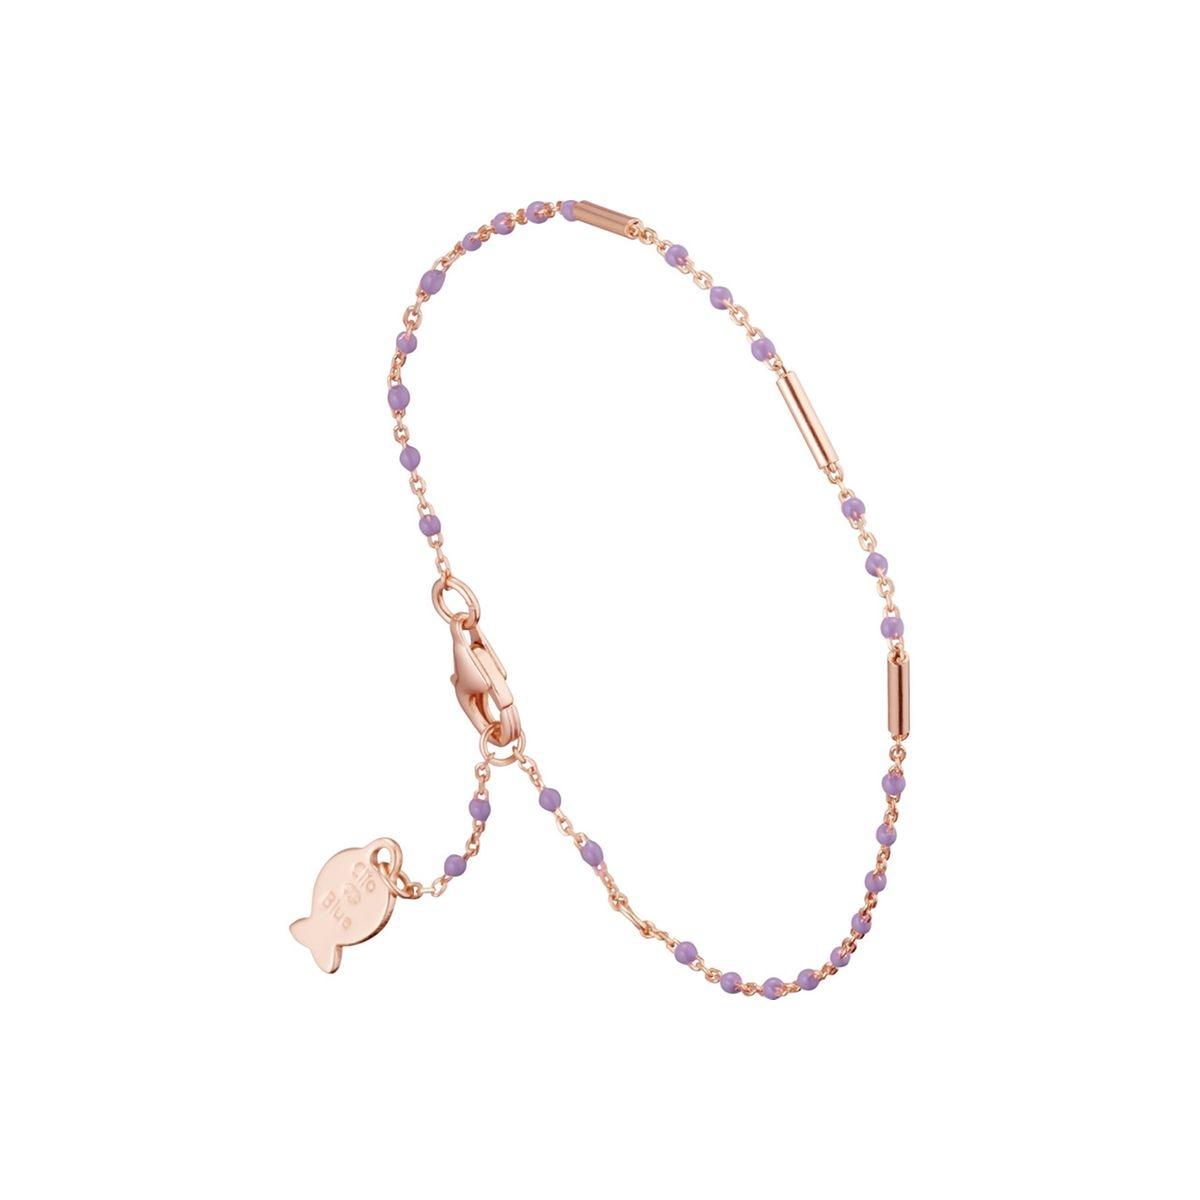 Bracelet chaîne Mimi en argent 925, dorure or rose, émail, 1.3g